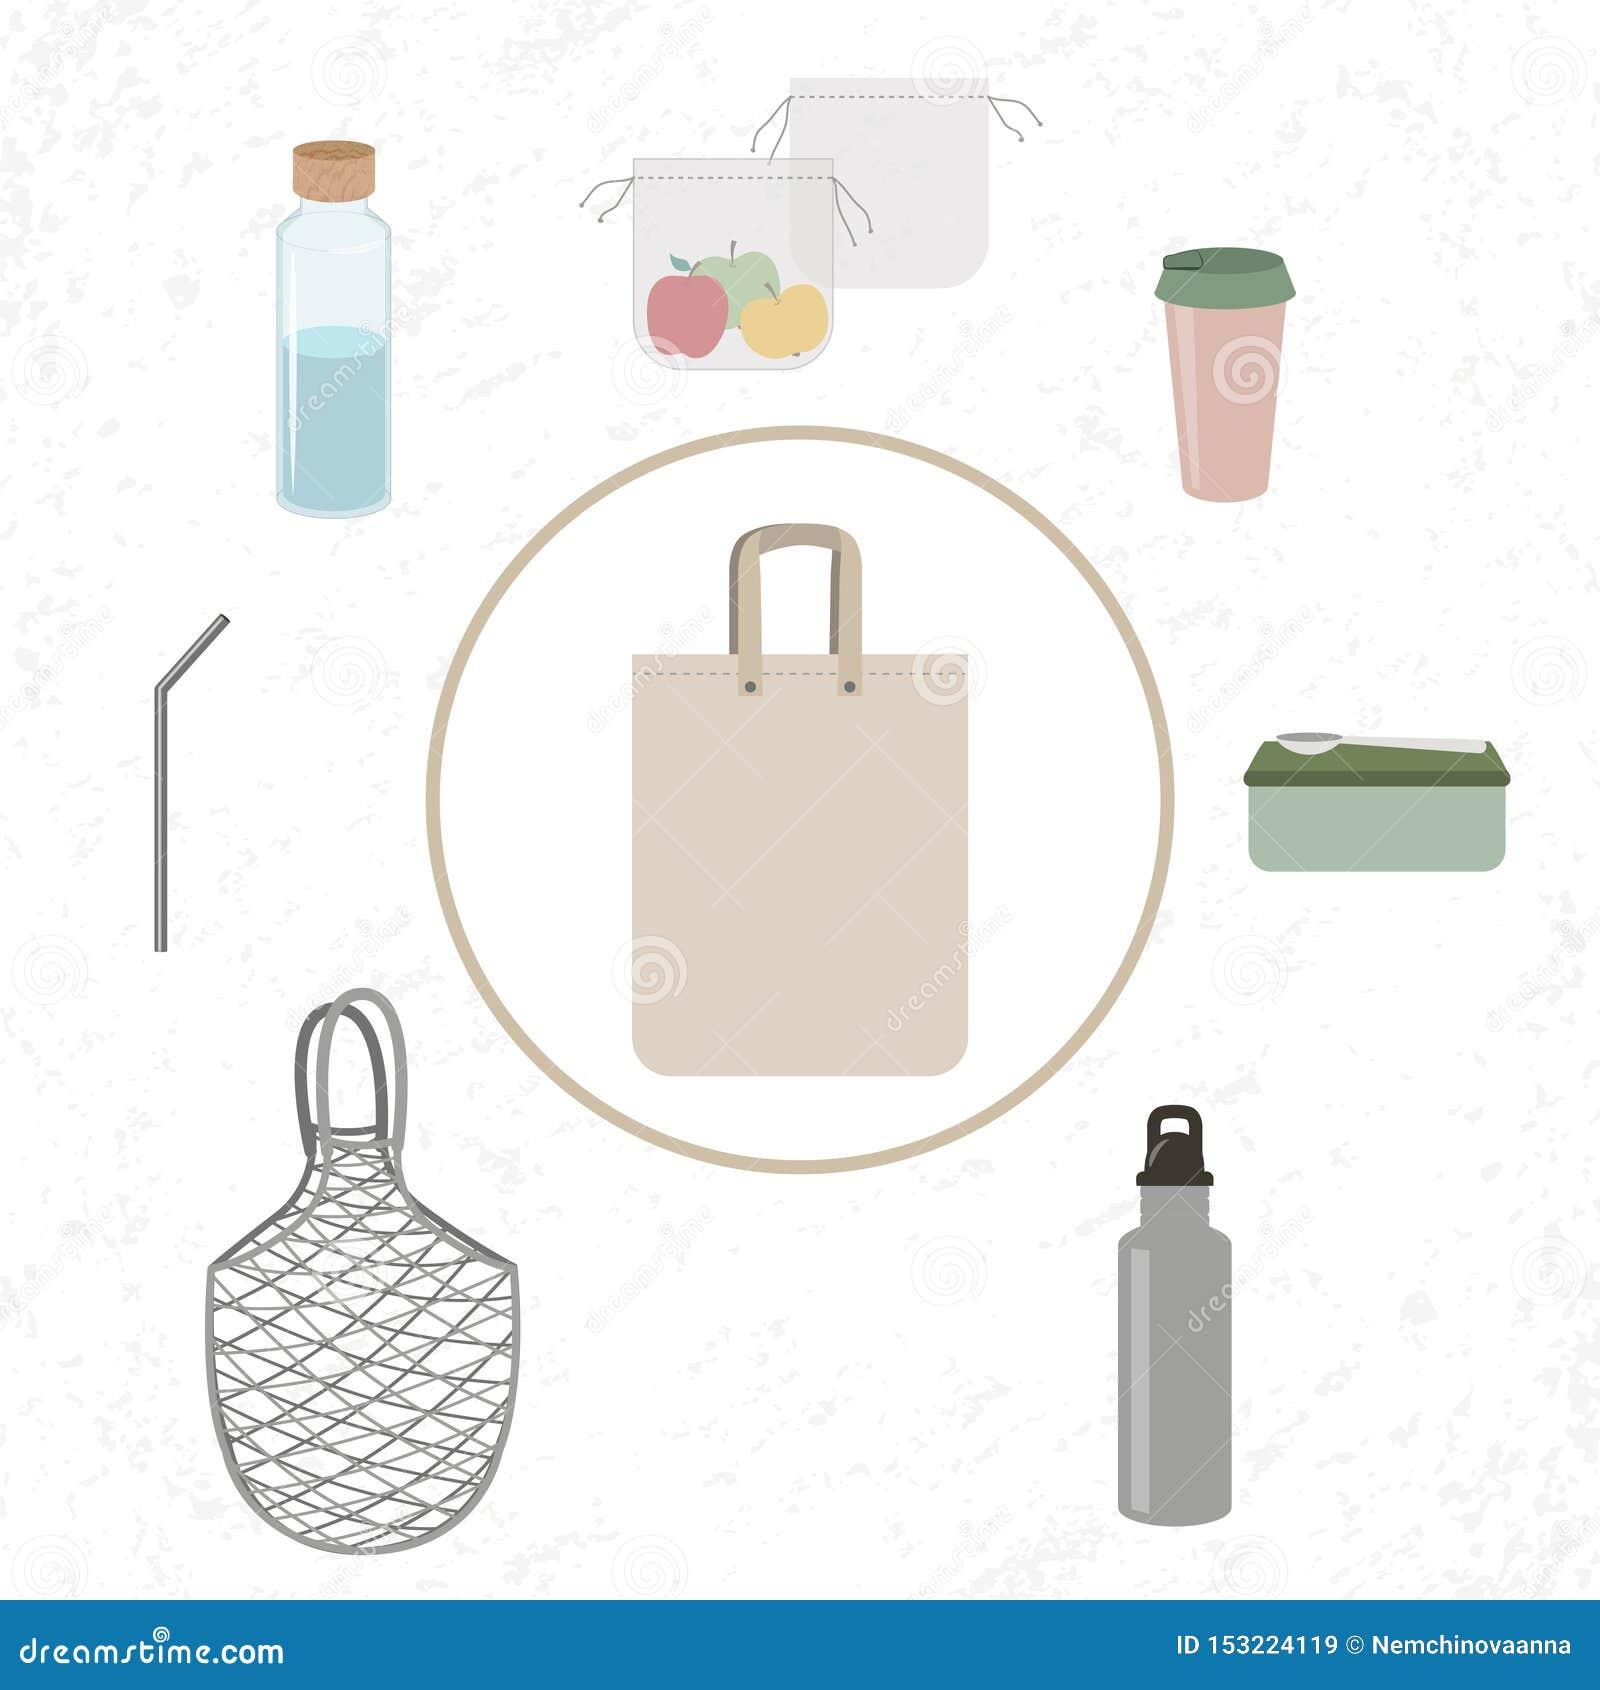 Eco bag and reusable things